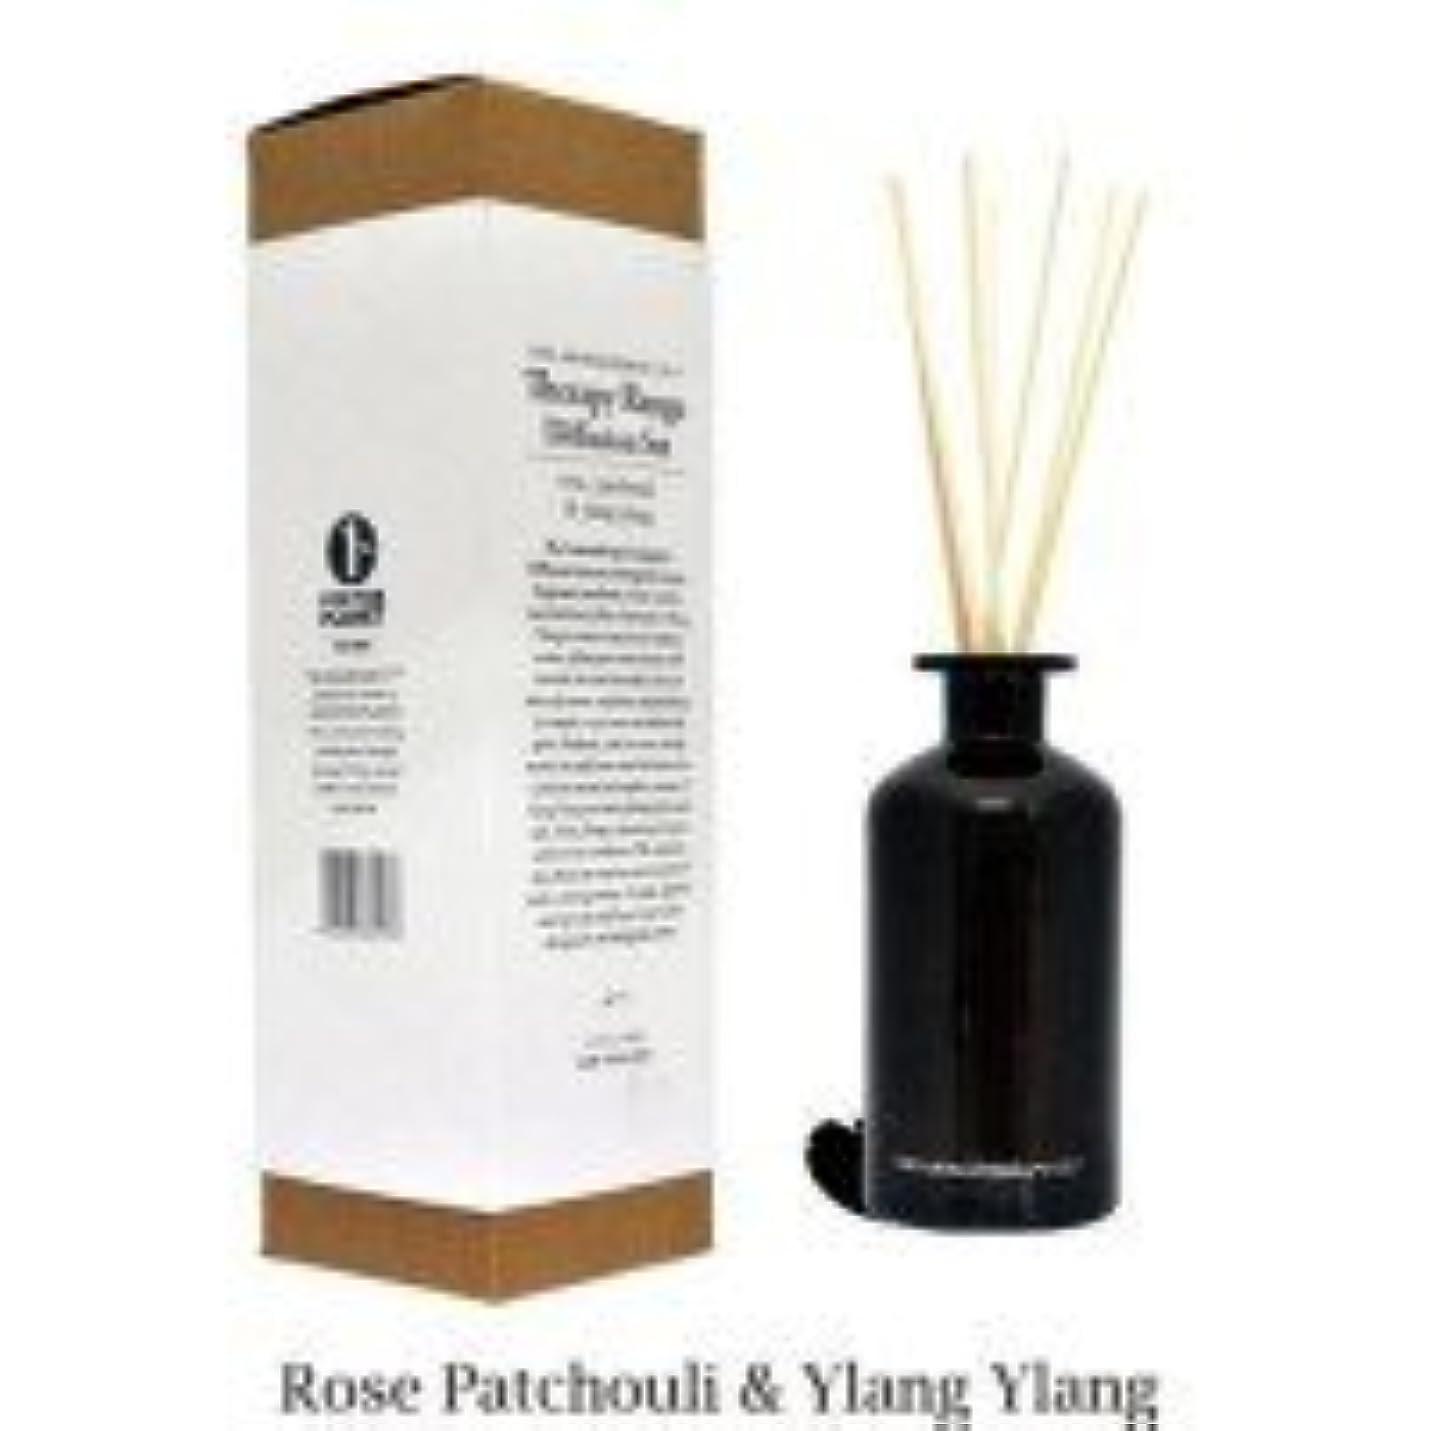 Therapy Range セラピーレンジ メディシンボトル ディフュージョンスティック 250ml ローズ 、パチュリ&イランイラン Rose Patchouli & Ylang Ylang アロマセラピーカンパニー